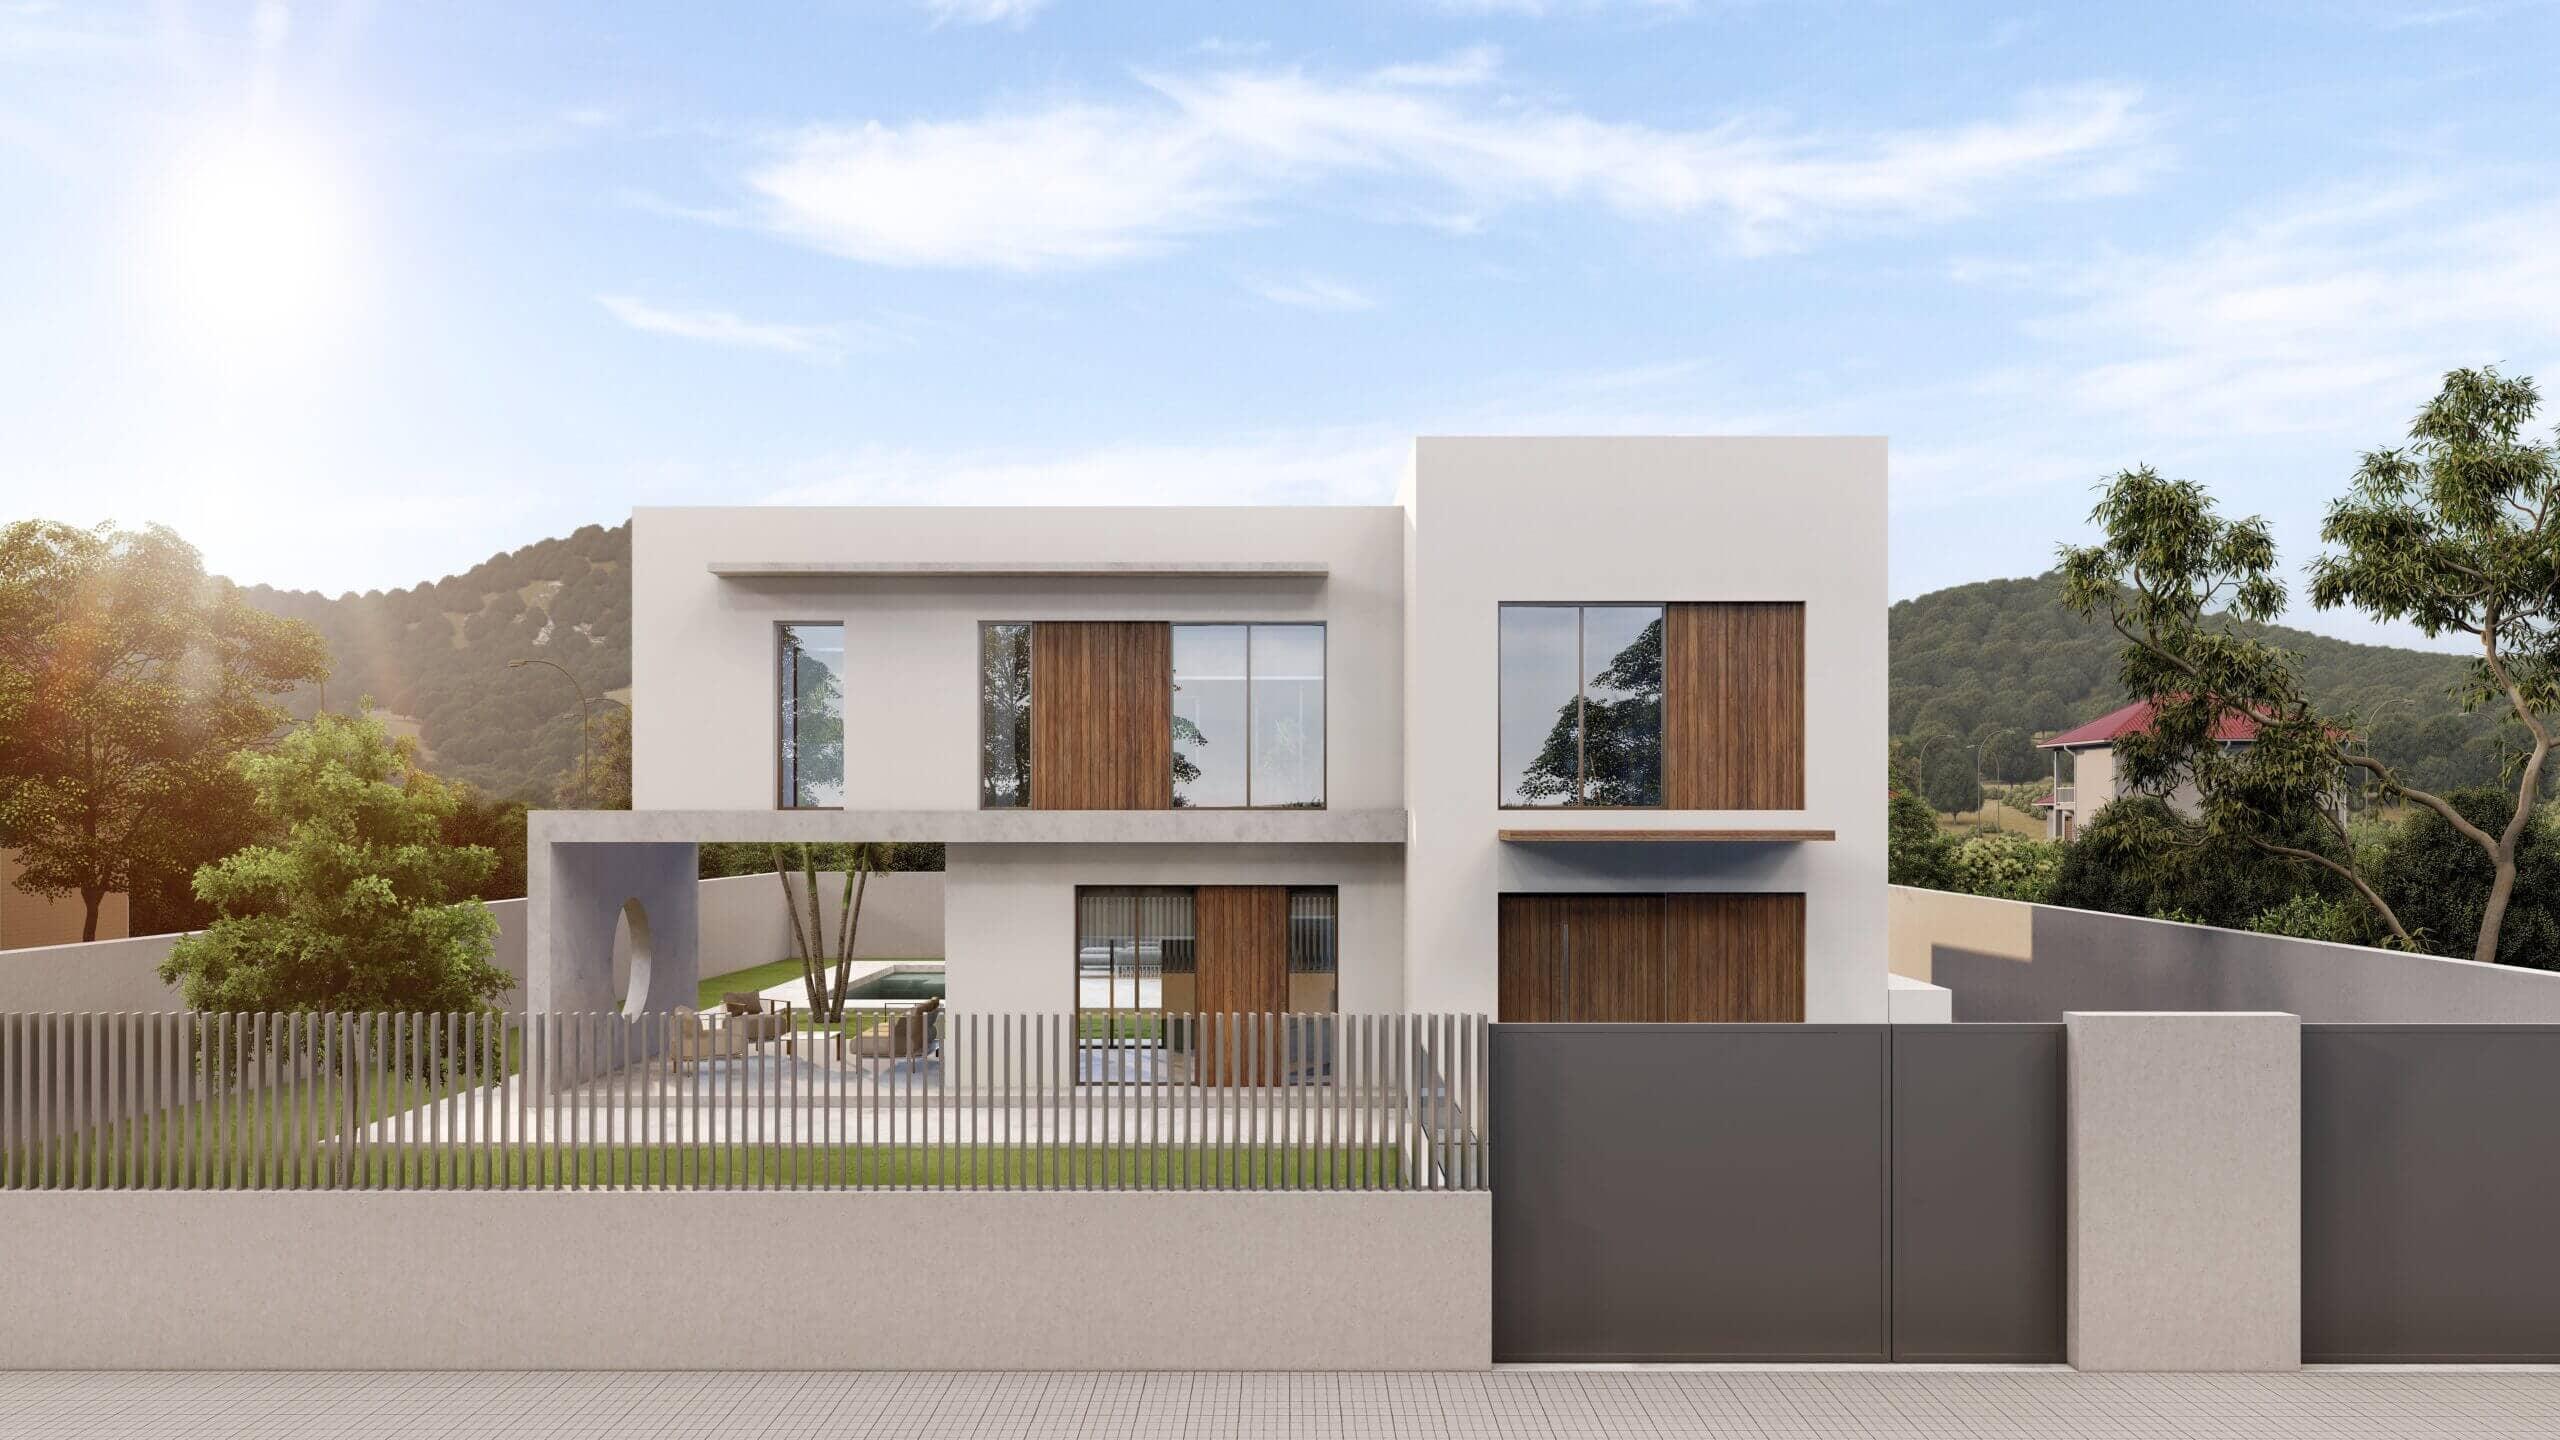 Vivienda Unifamiliar Casa Mirador